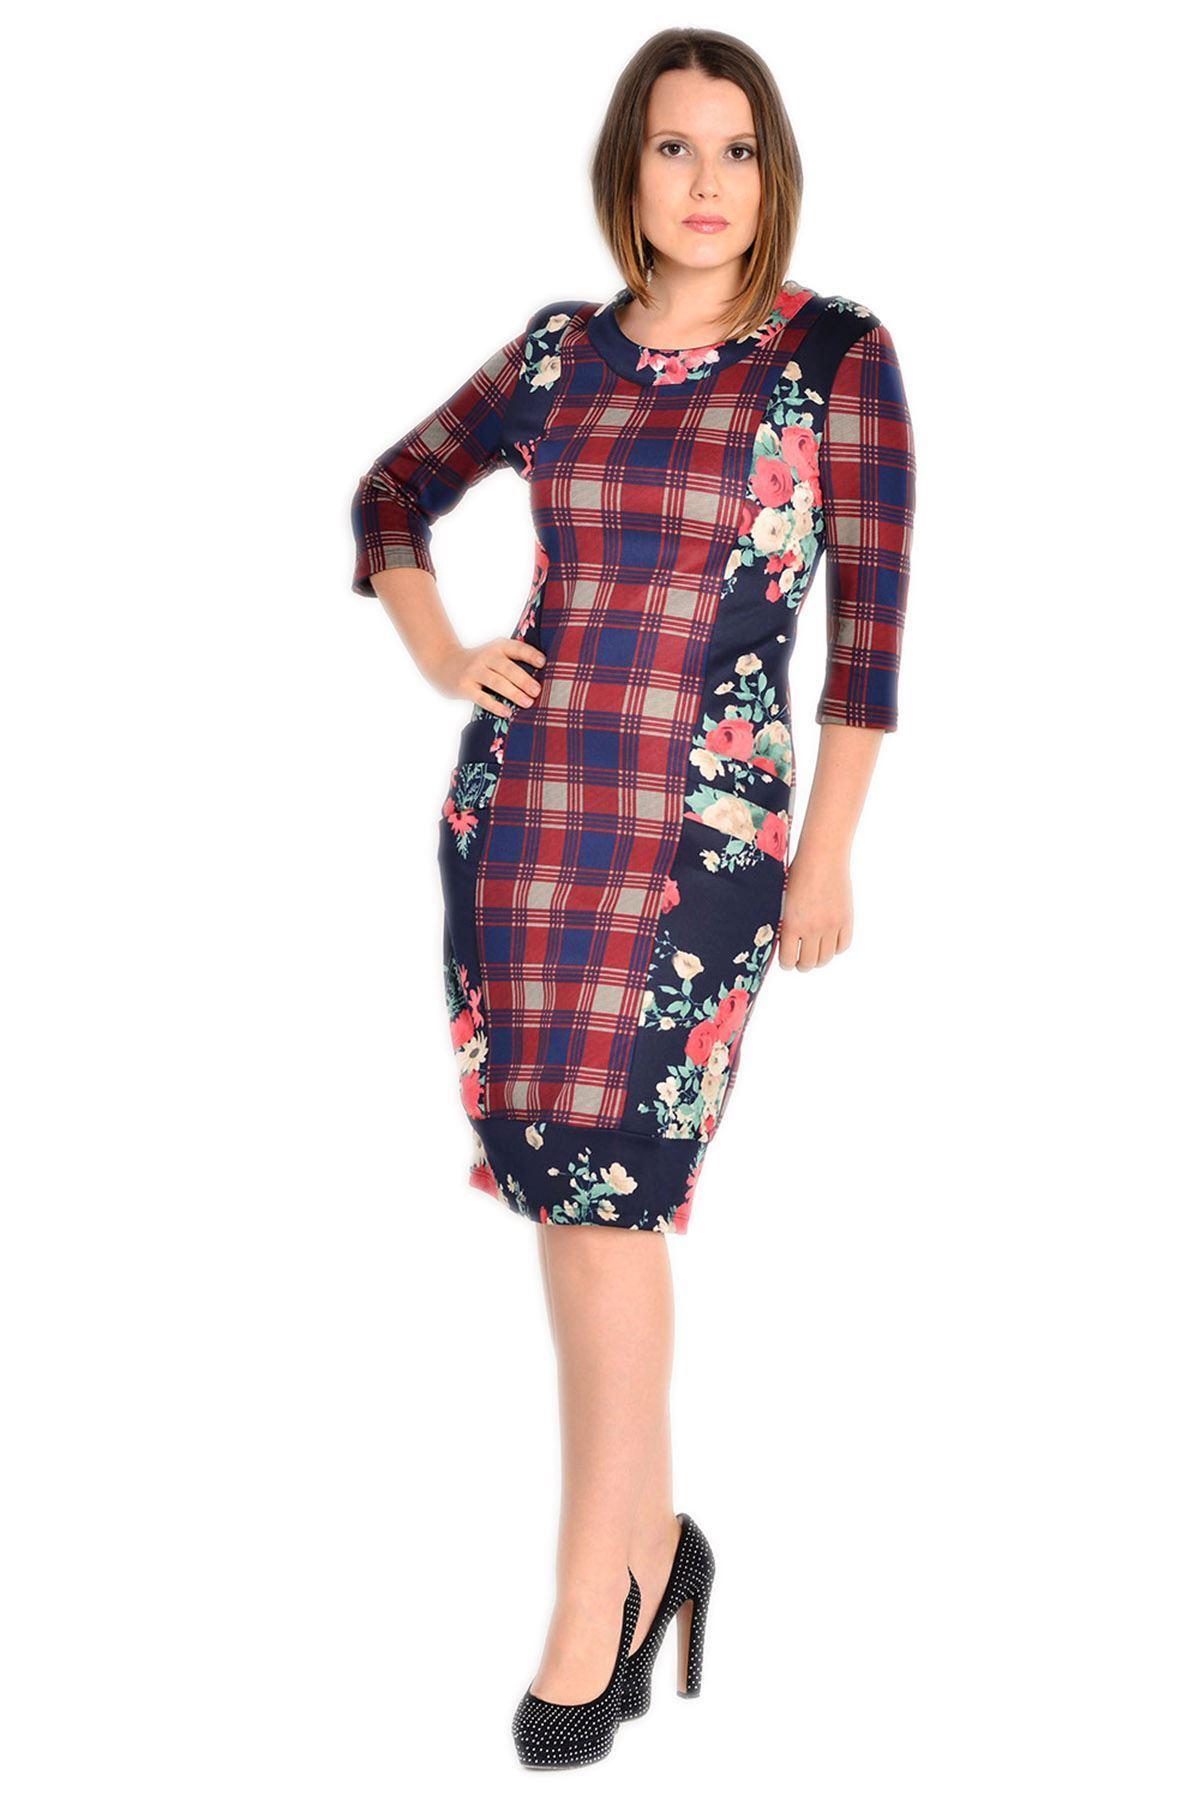 Büyük Beden Lacivert Çiçek Desenli Elbise H8-132598